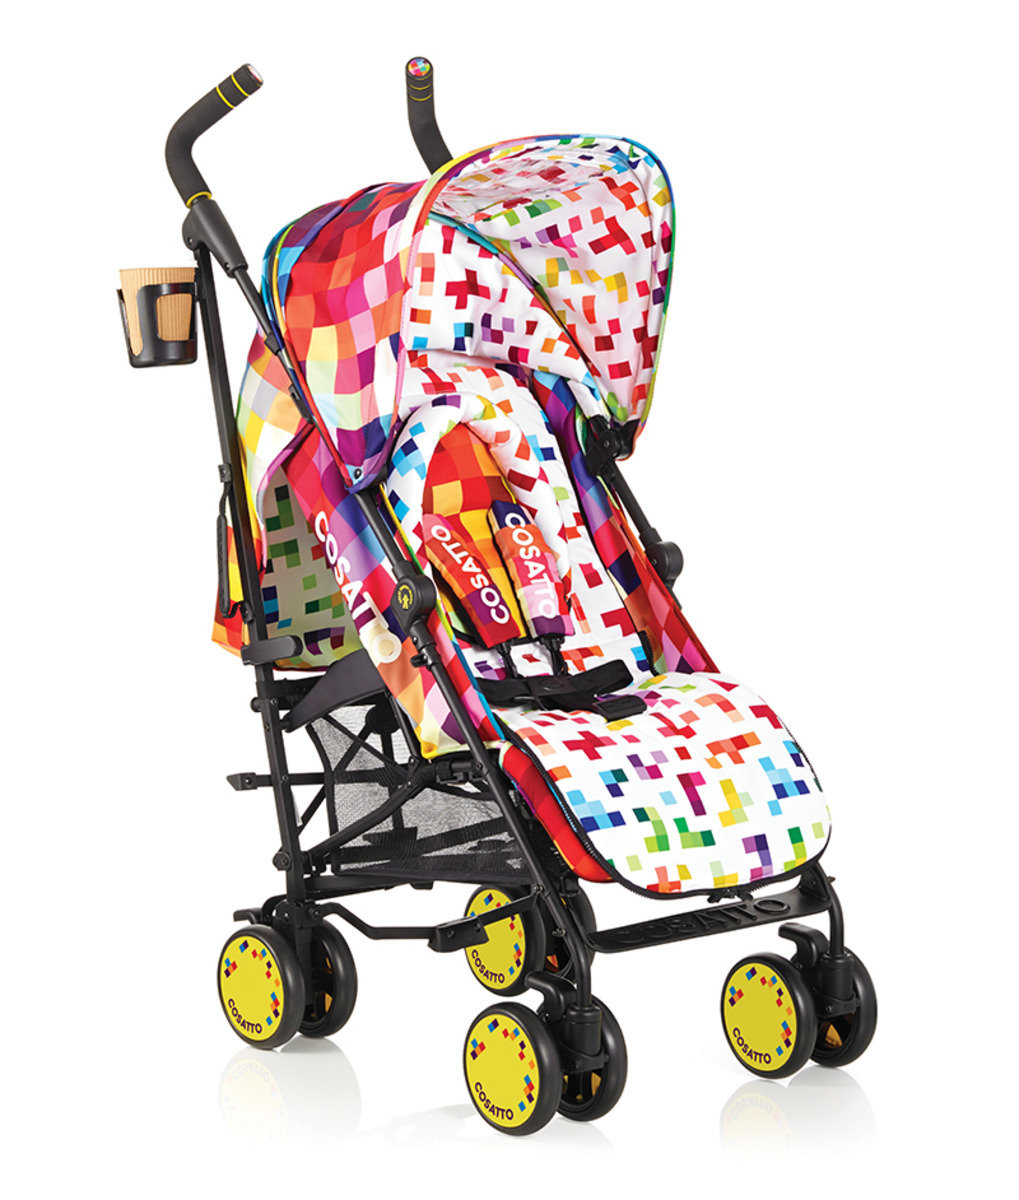 英國 Cosatto Supa 嬰兒車 – Pixelate 彩色格仔